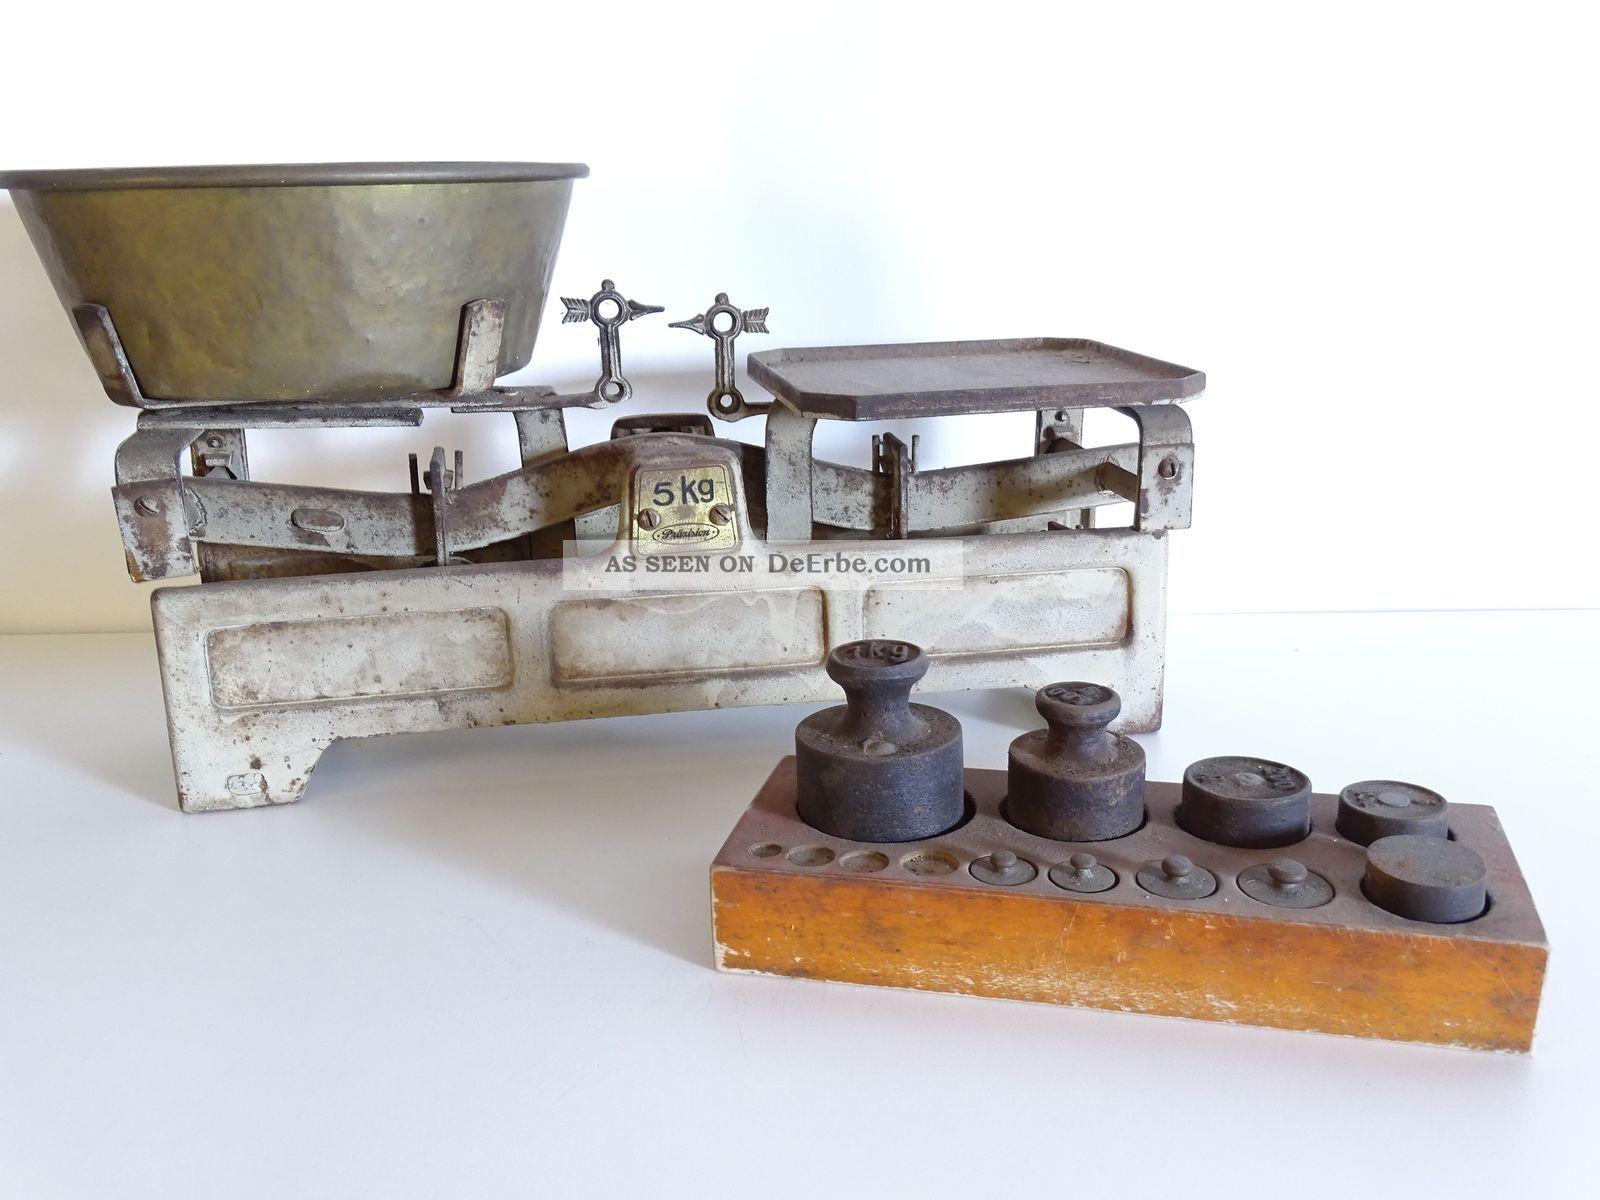 Antike Marktwaage Präzision 5kg Gg Mit Antikem Gewichtesatz Waage Rarität Kaufleute & Krämer Bild